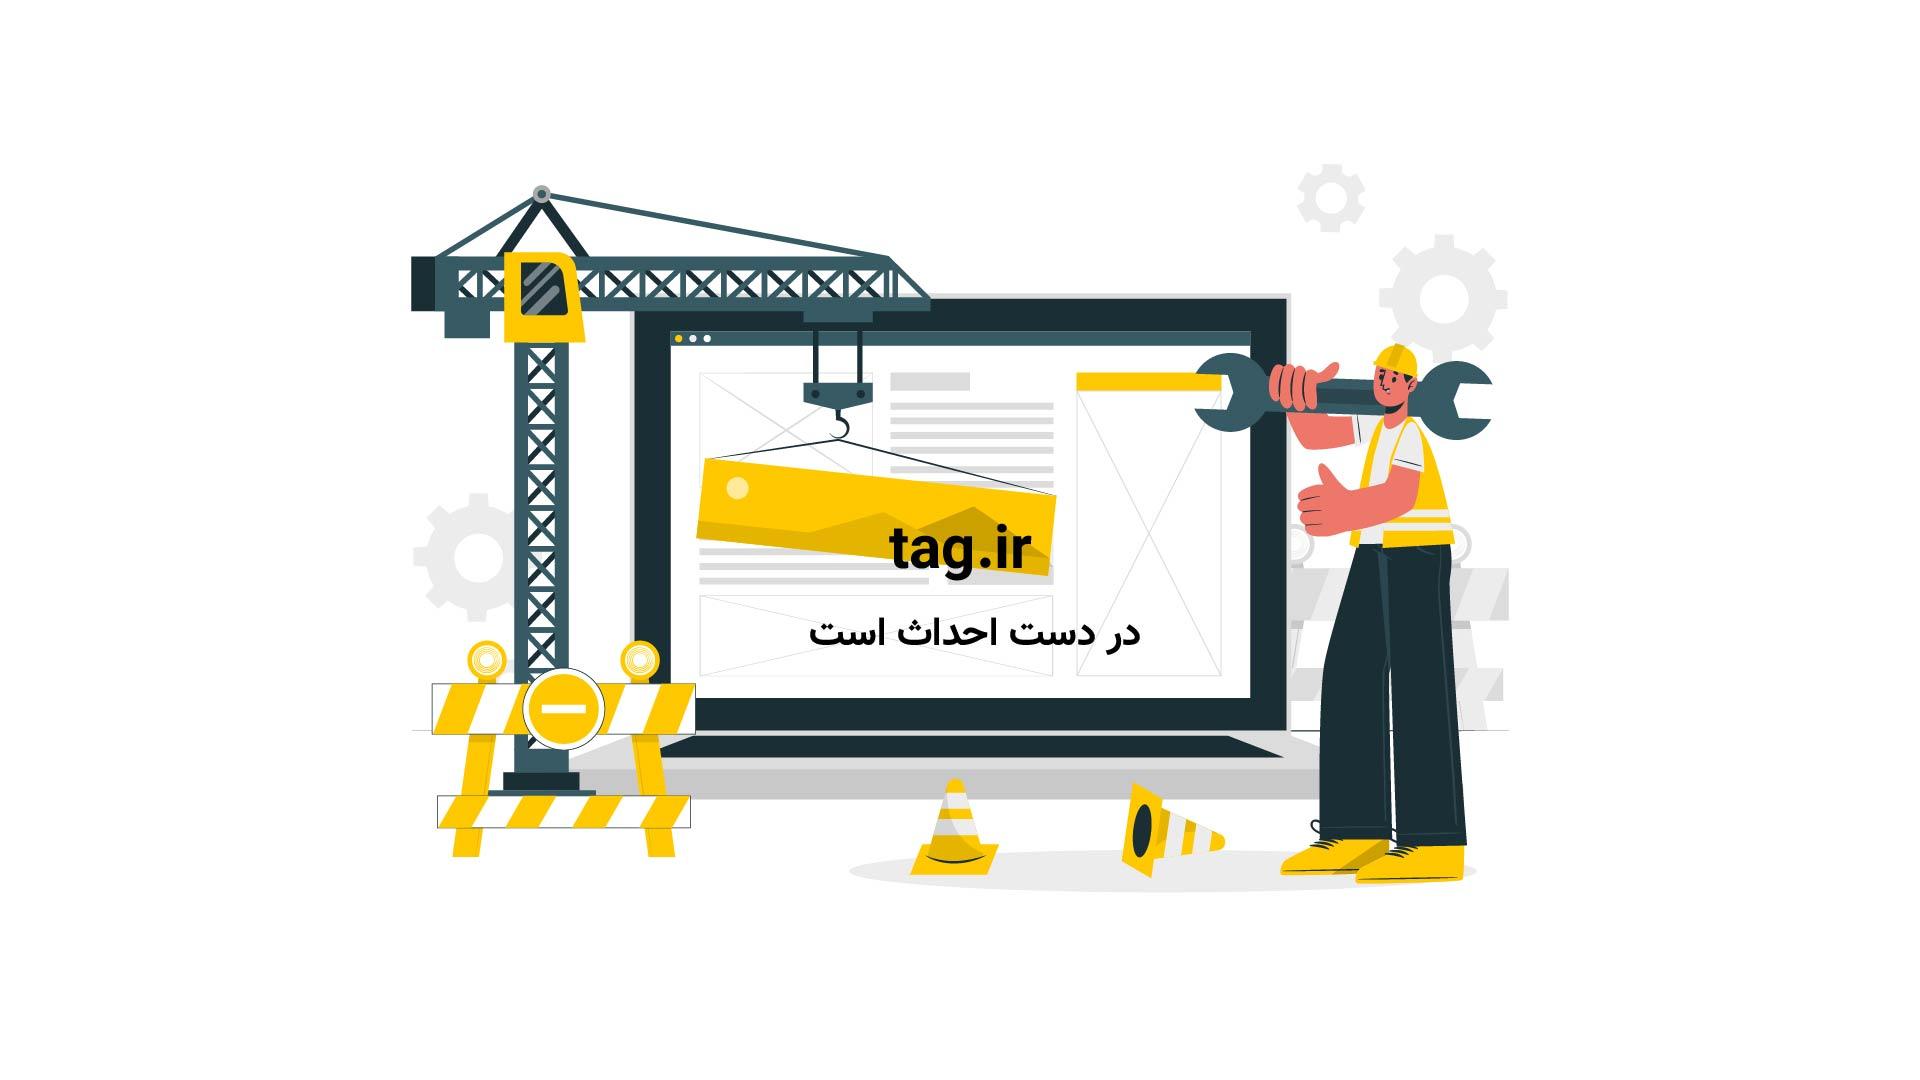 کانن کوچکترین و ارزانترین دوربین فولفریم جهان را معرفی کرد | فیلم